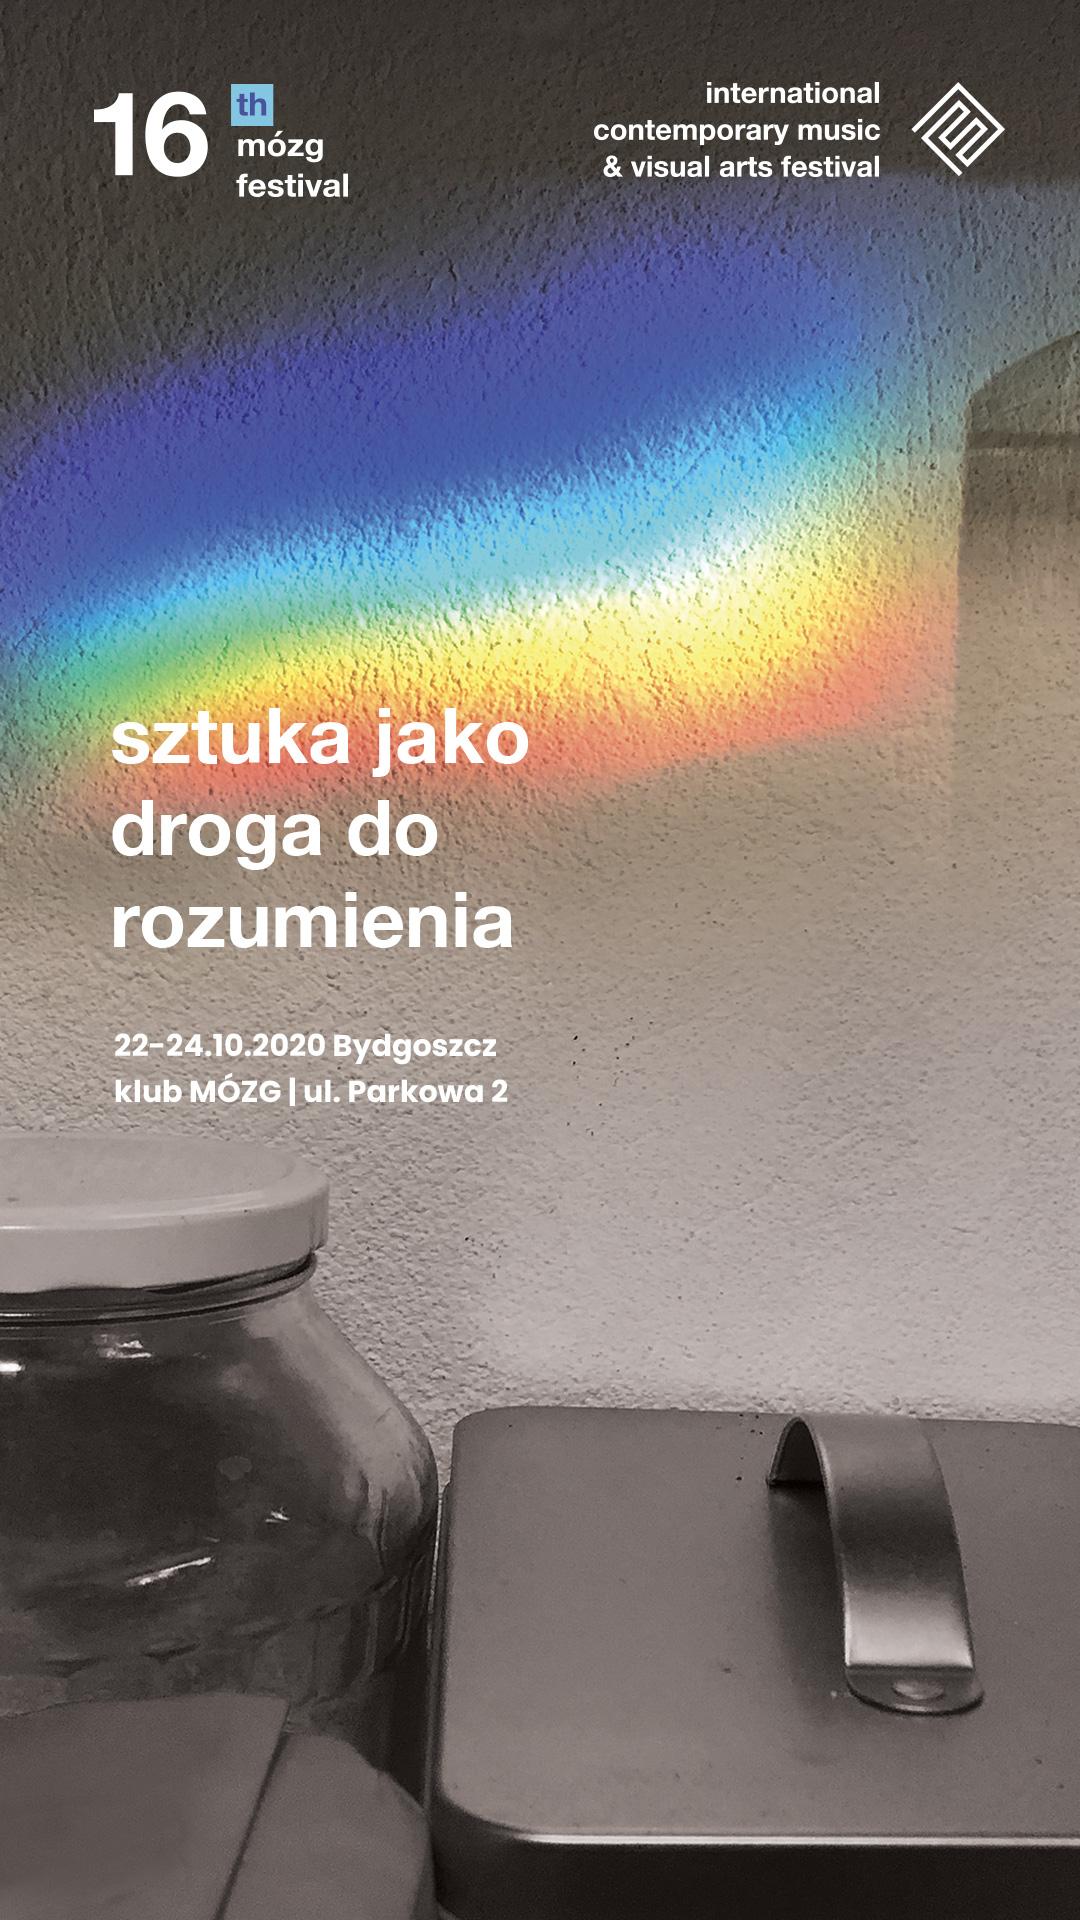 16th MÓZG Festival